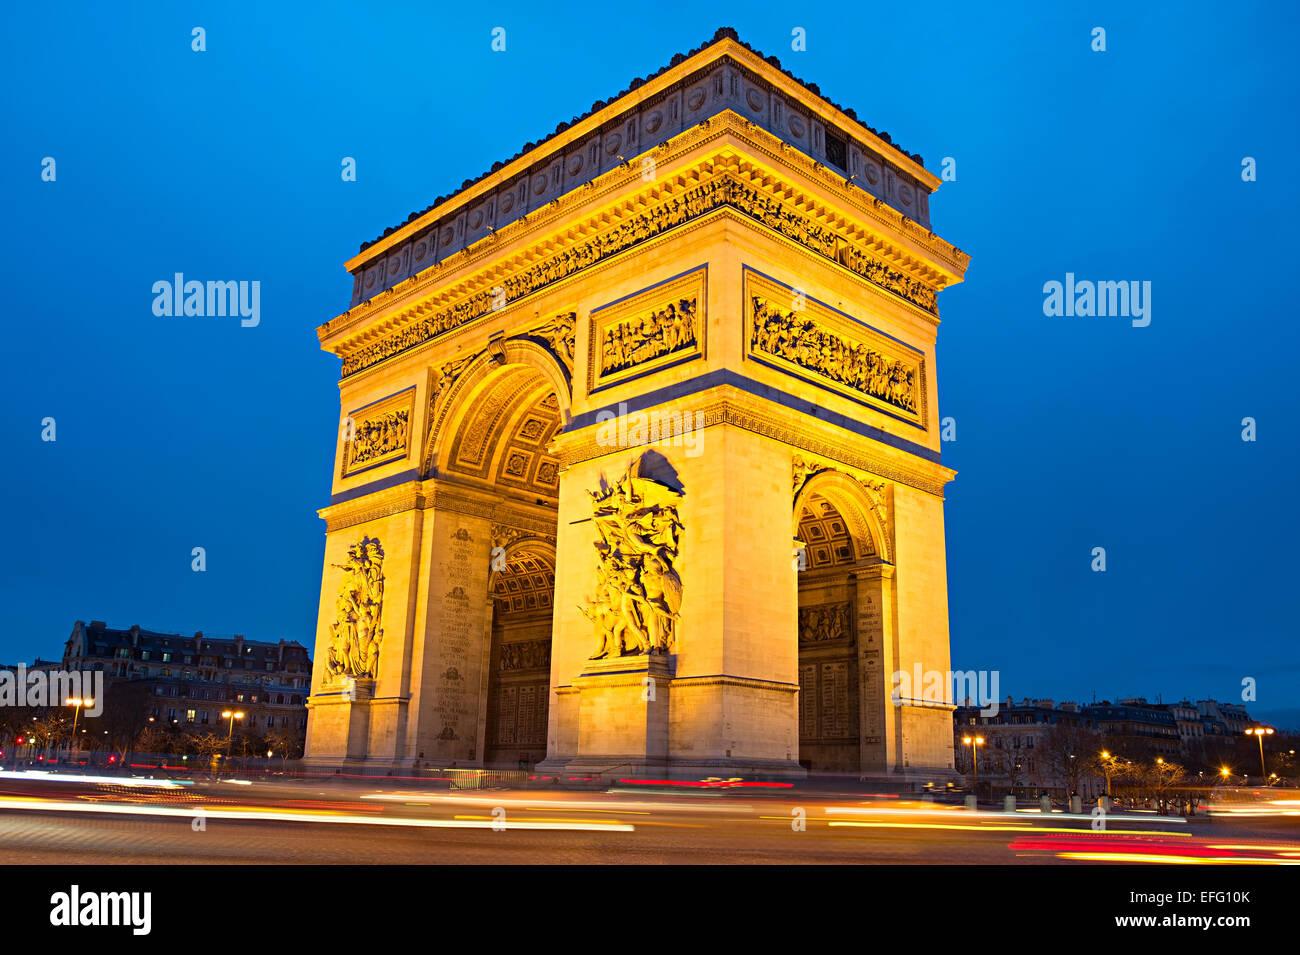 Der Triumphbogen (Arc de Triomphe) am Place Charles de Gaulle in Paris, Frankreich. Stockbild